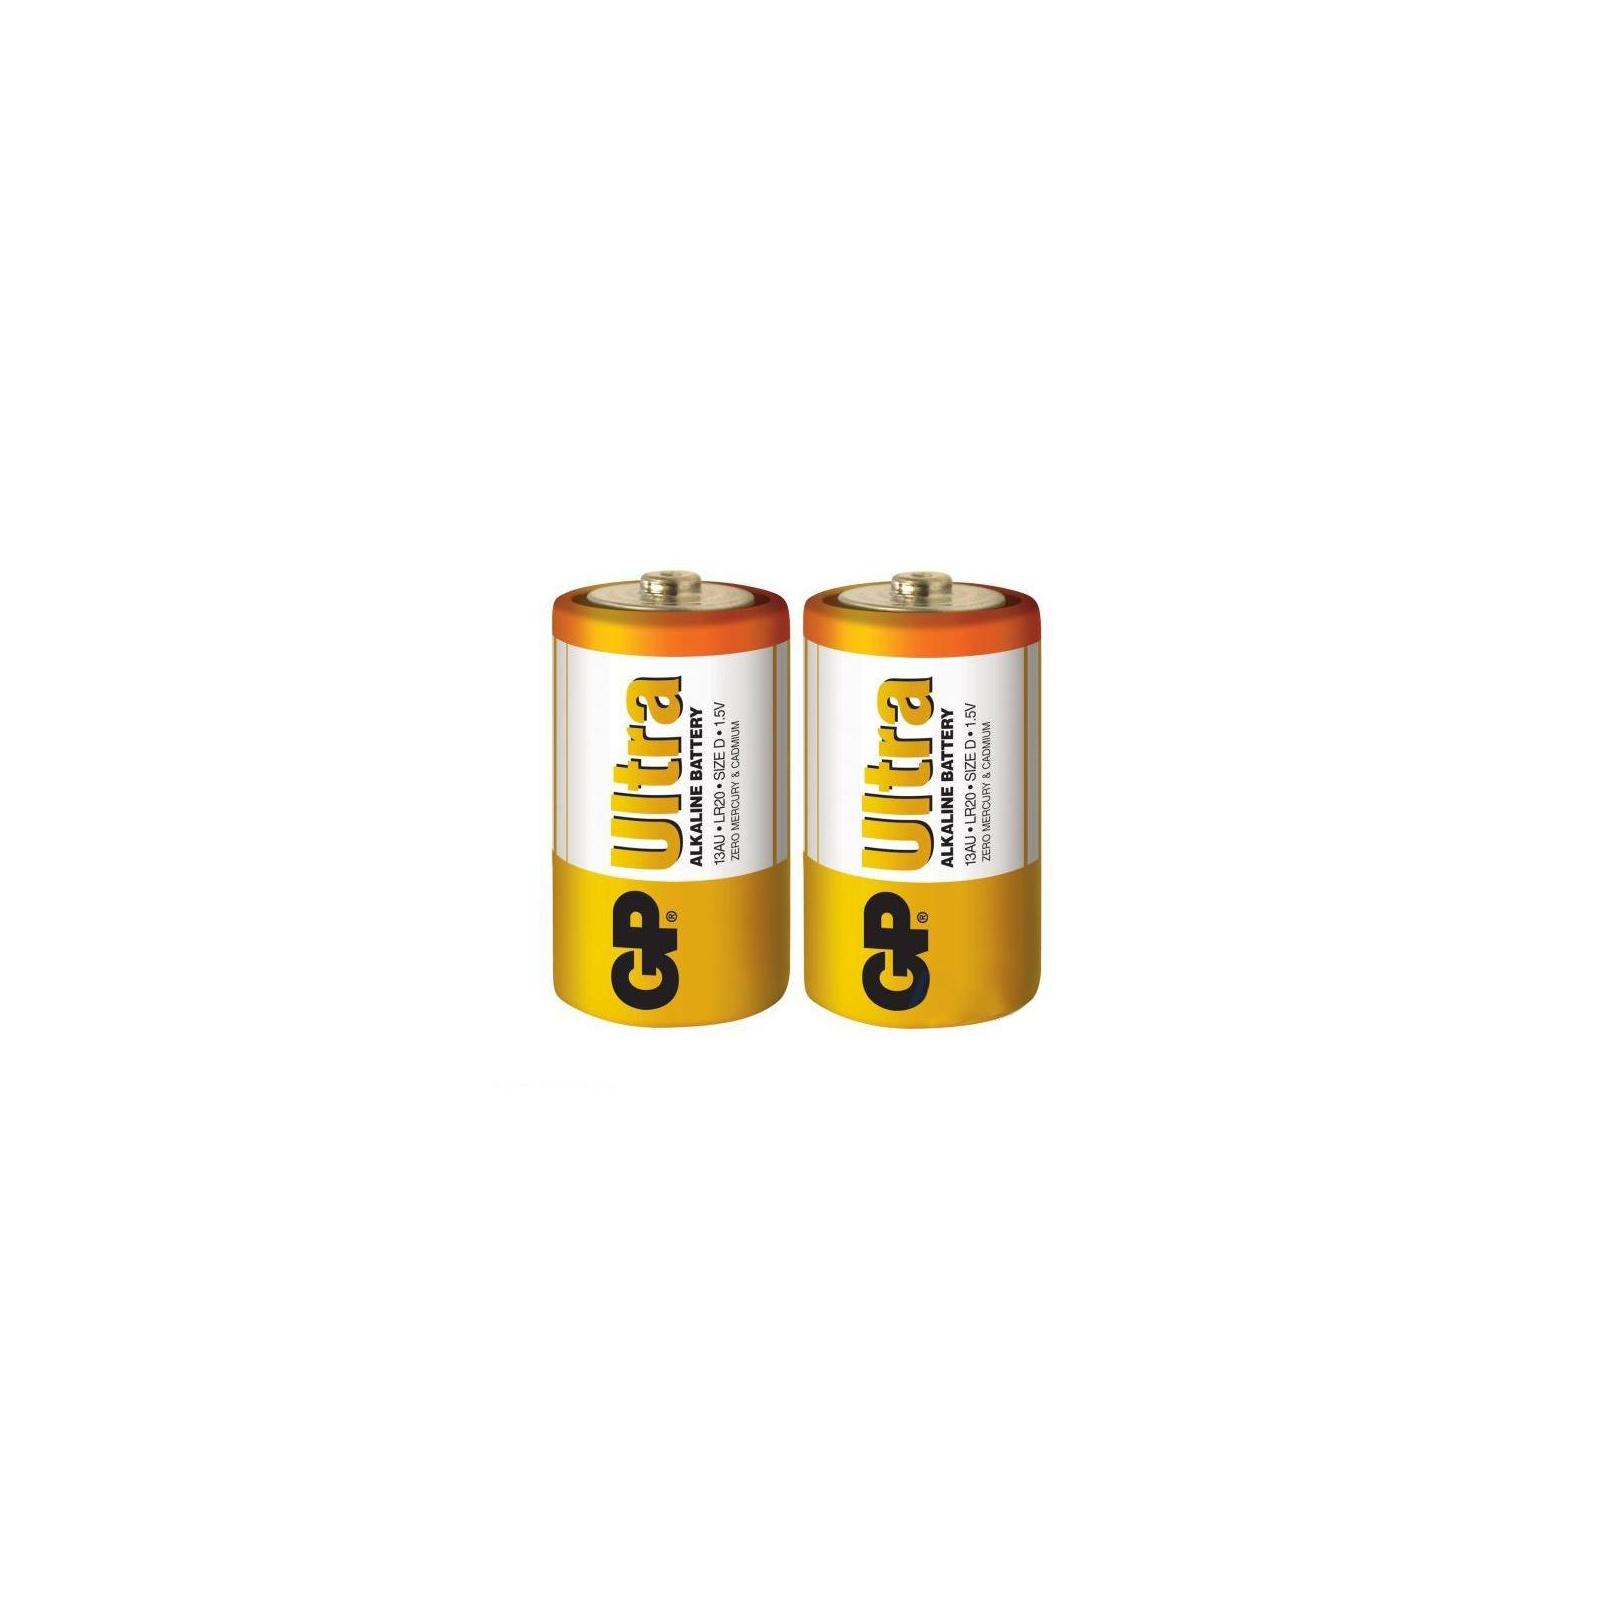 Батарейка Gp D GP Ultra LR20 * 2 (13AU-U2/13AU-UE2) изображение 2